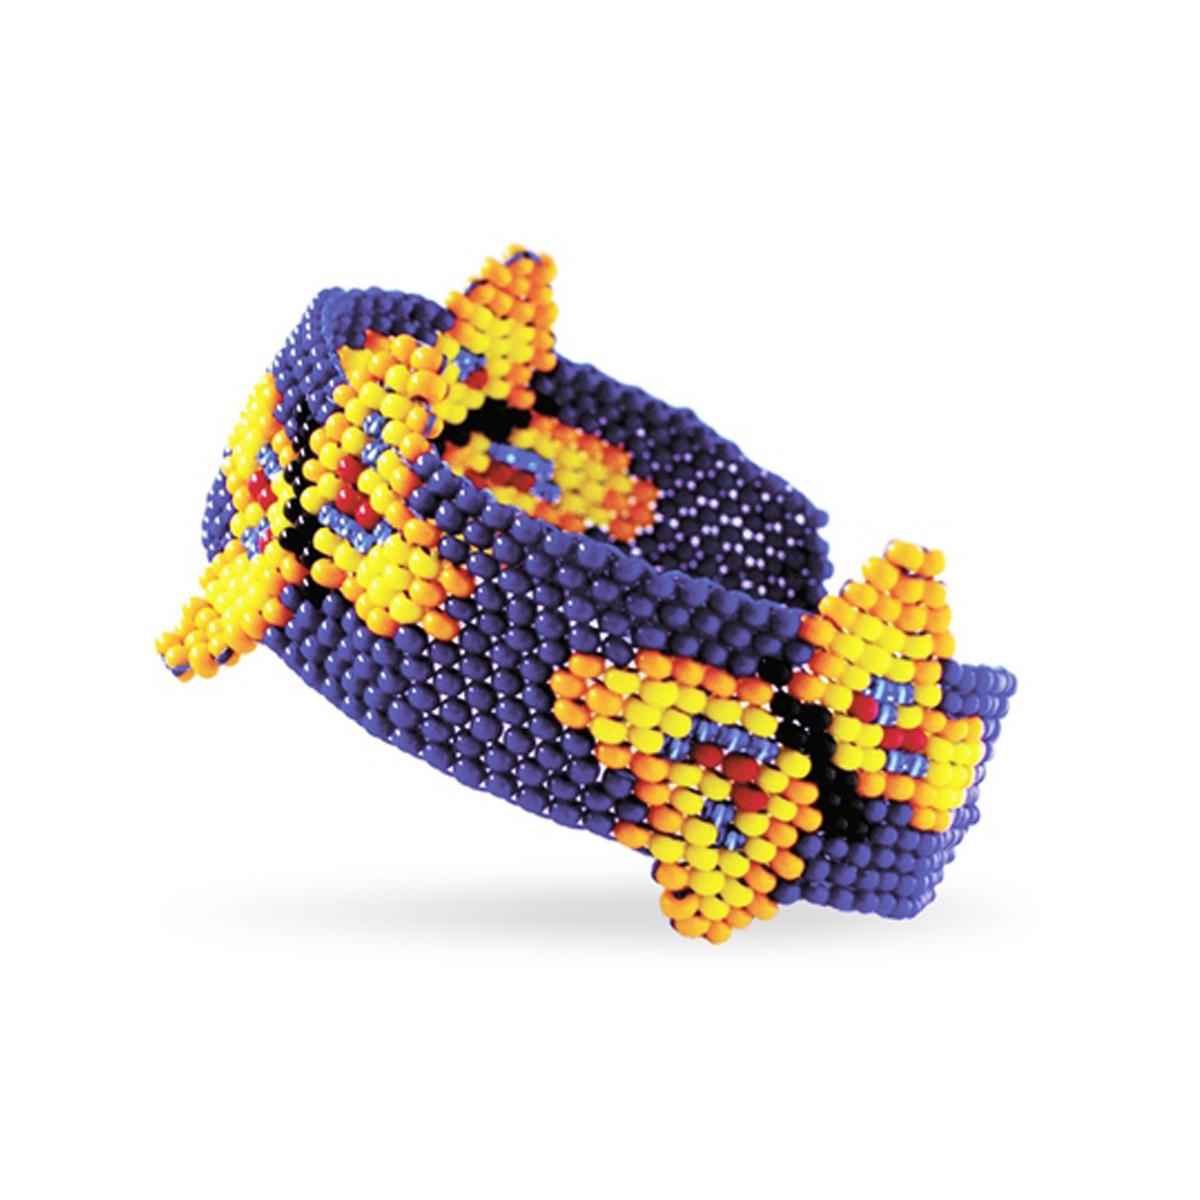 Набор для бисероплетения Кроше Мотылек645096В последнее время плетение бисером набирает популярность среди рукодельниц. Научиться созданию изделий из маленьких ярких бусинок вполне реально, это будет под силу даже детям. Вашему вниманию предлагается многообразие наборов по бисероплению от бренда Кроше. Выбирайте любой из понравившихся и приступайте к созданию шедевра. Состав набора: чешский бисер, бусины, проволока для бисера, схема и описание к работе, замок для бус.